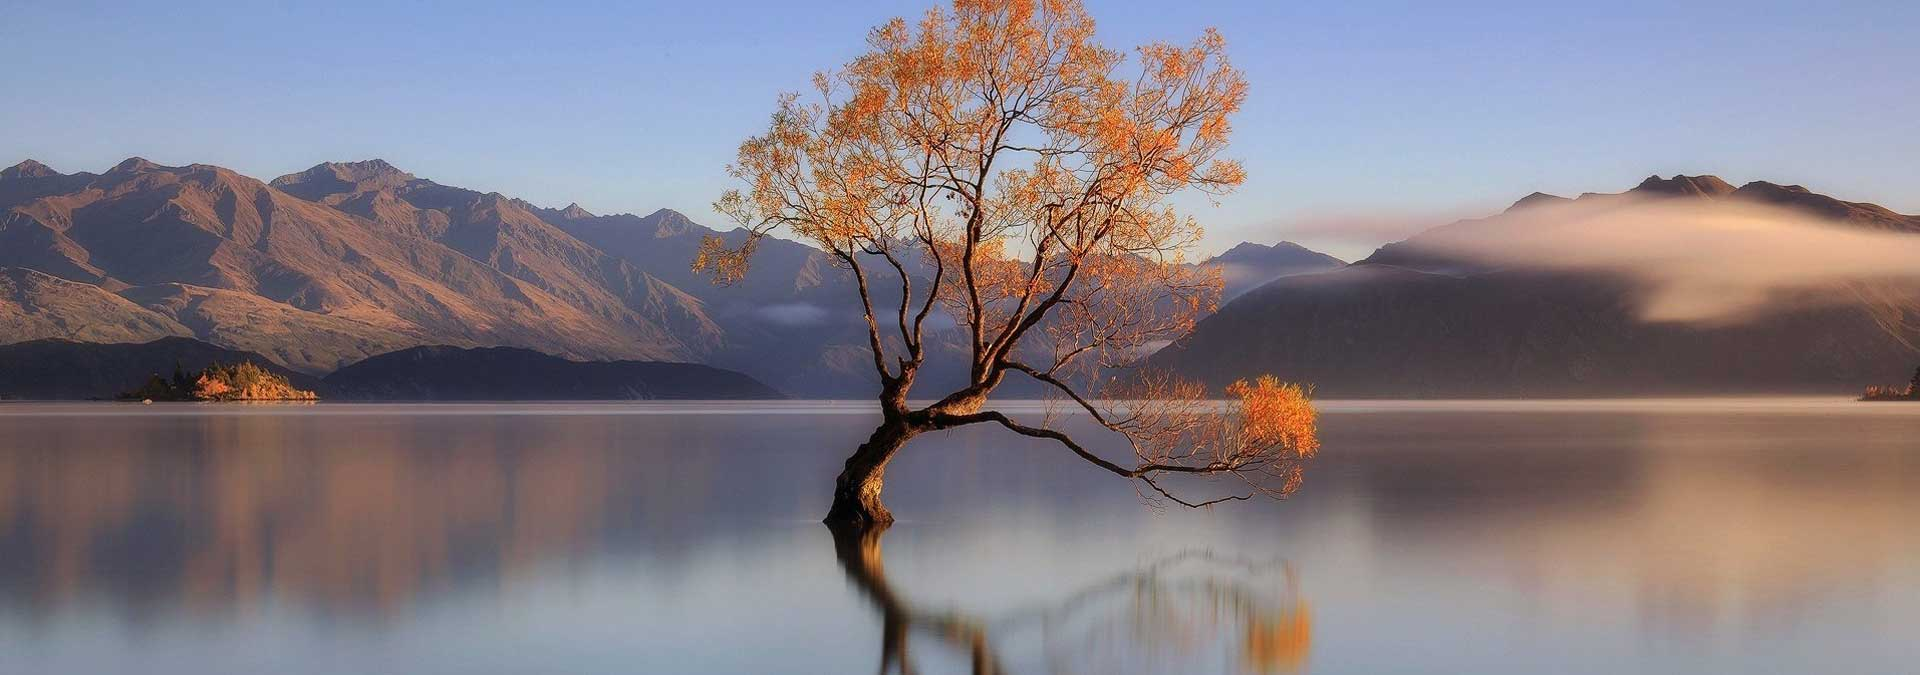 Zelfreflectie in de natuur vinden - Ontdek mooie levenslessen die de natuur met ons deelt - ingspire wijsheden